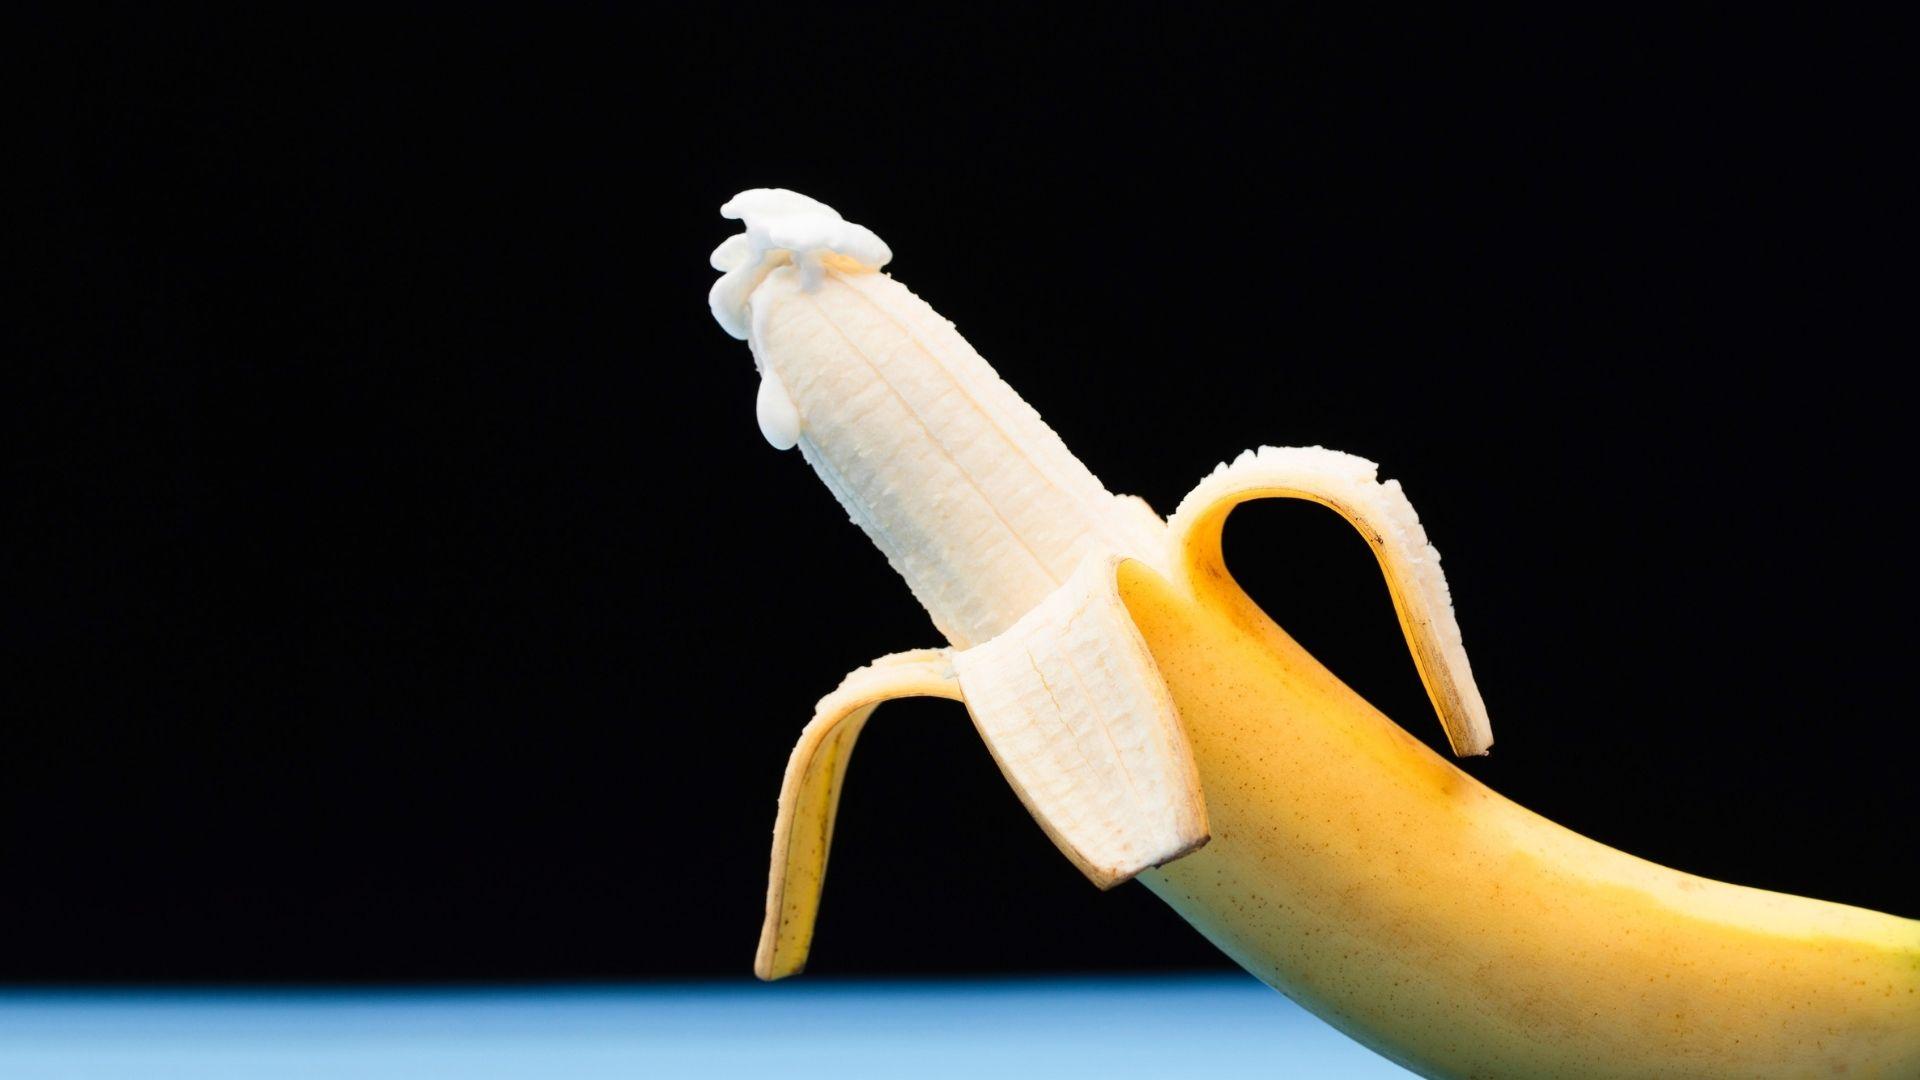 Banane – éjaculation – homme – agression